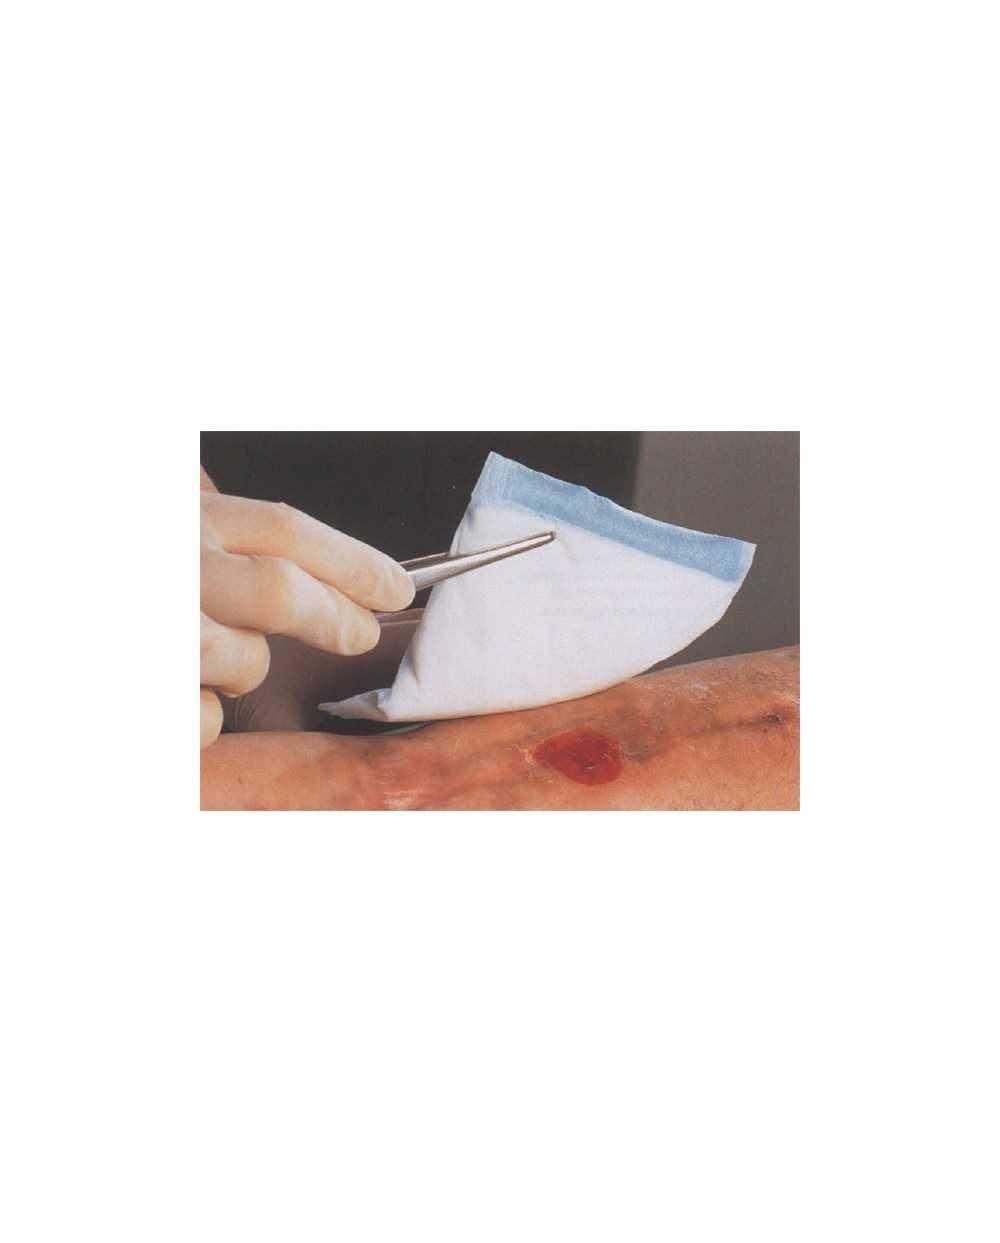 Pansements absorbants EUROVIT, 10 x 10 cm, non stérile. Etui de 50